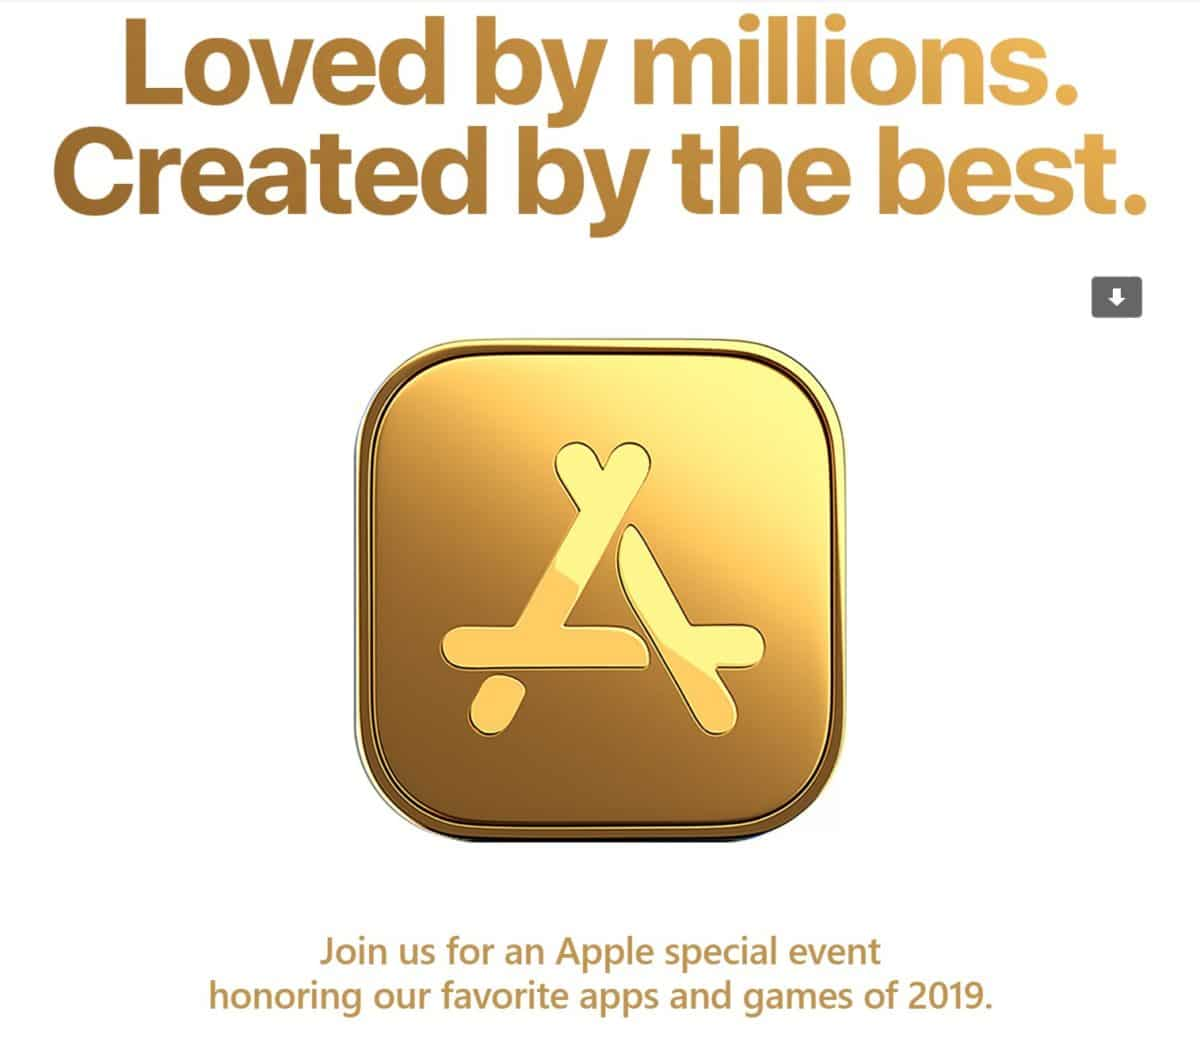 Apple chystá prosincovou konferenci, vyhlásí nejlepší aplikace